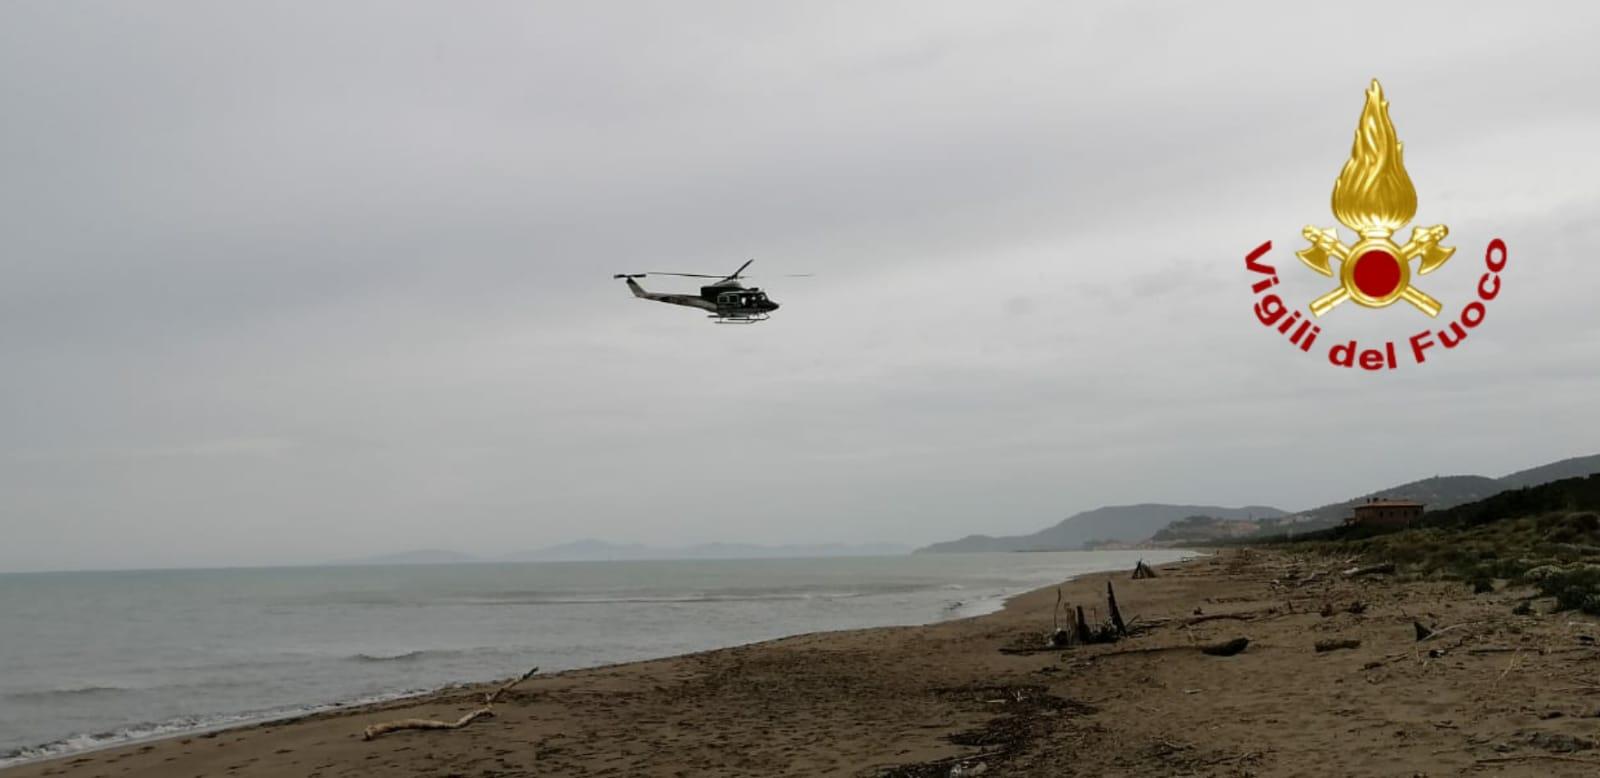 Disperso sulla costa grossetana, si cerca ancora: in volo anche l'elicottero Drago